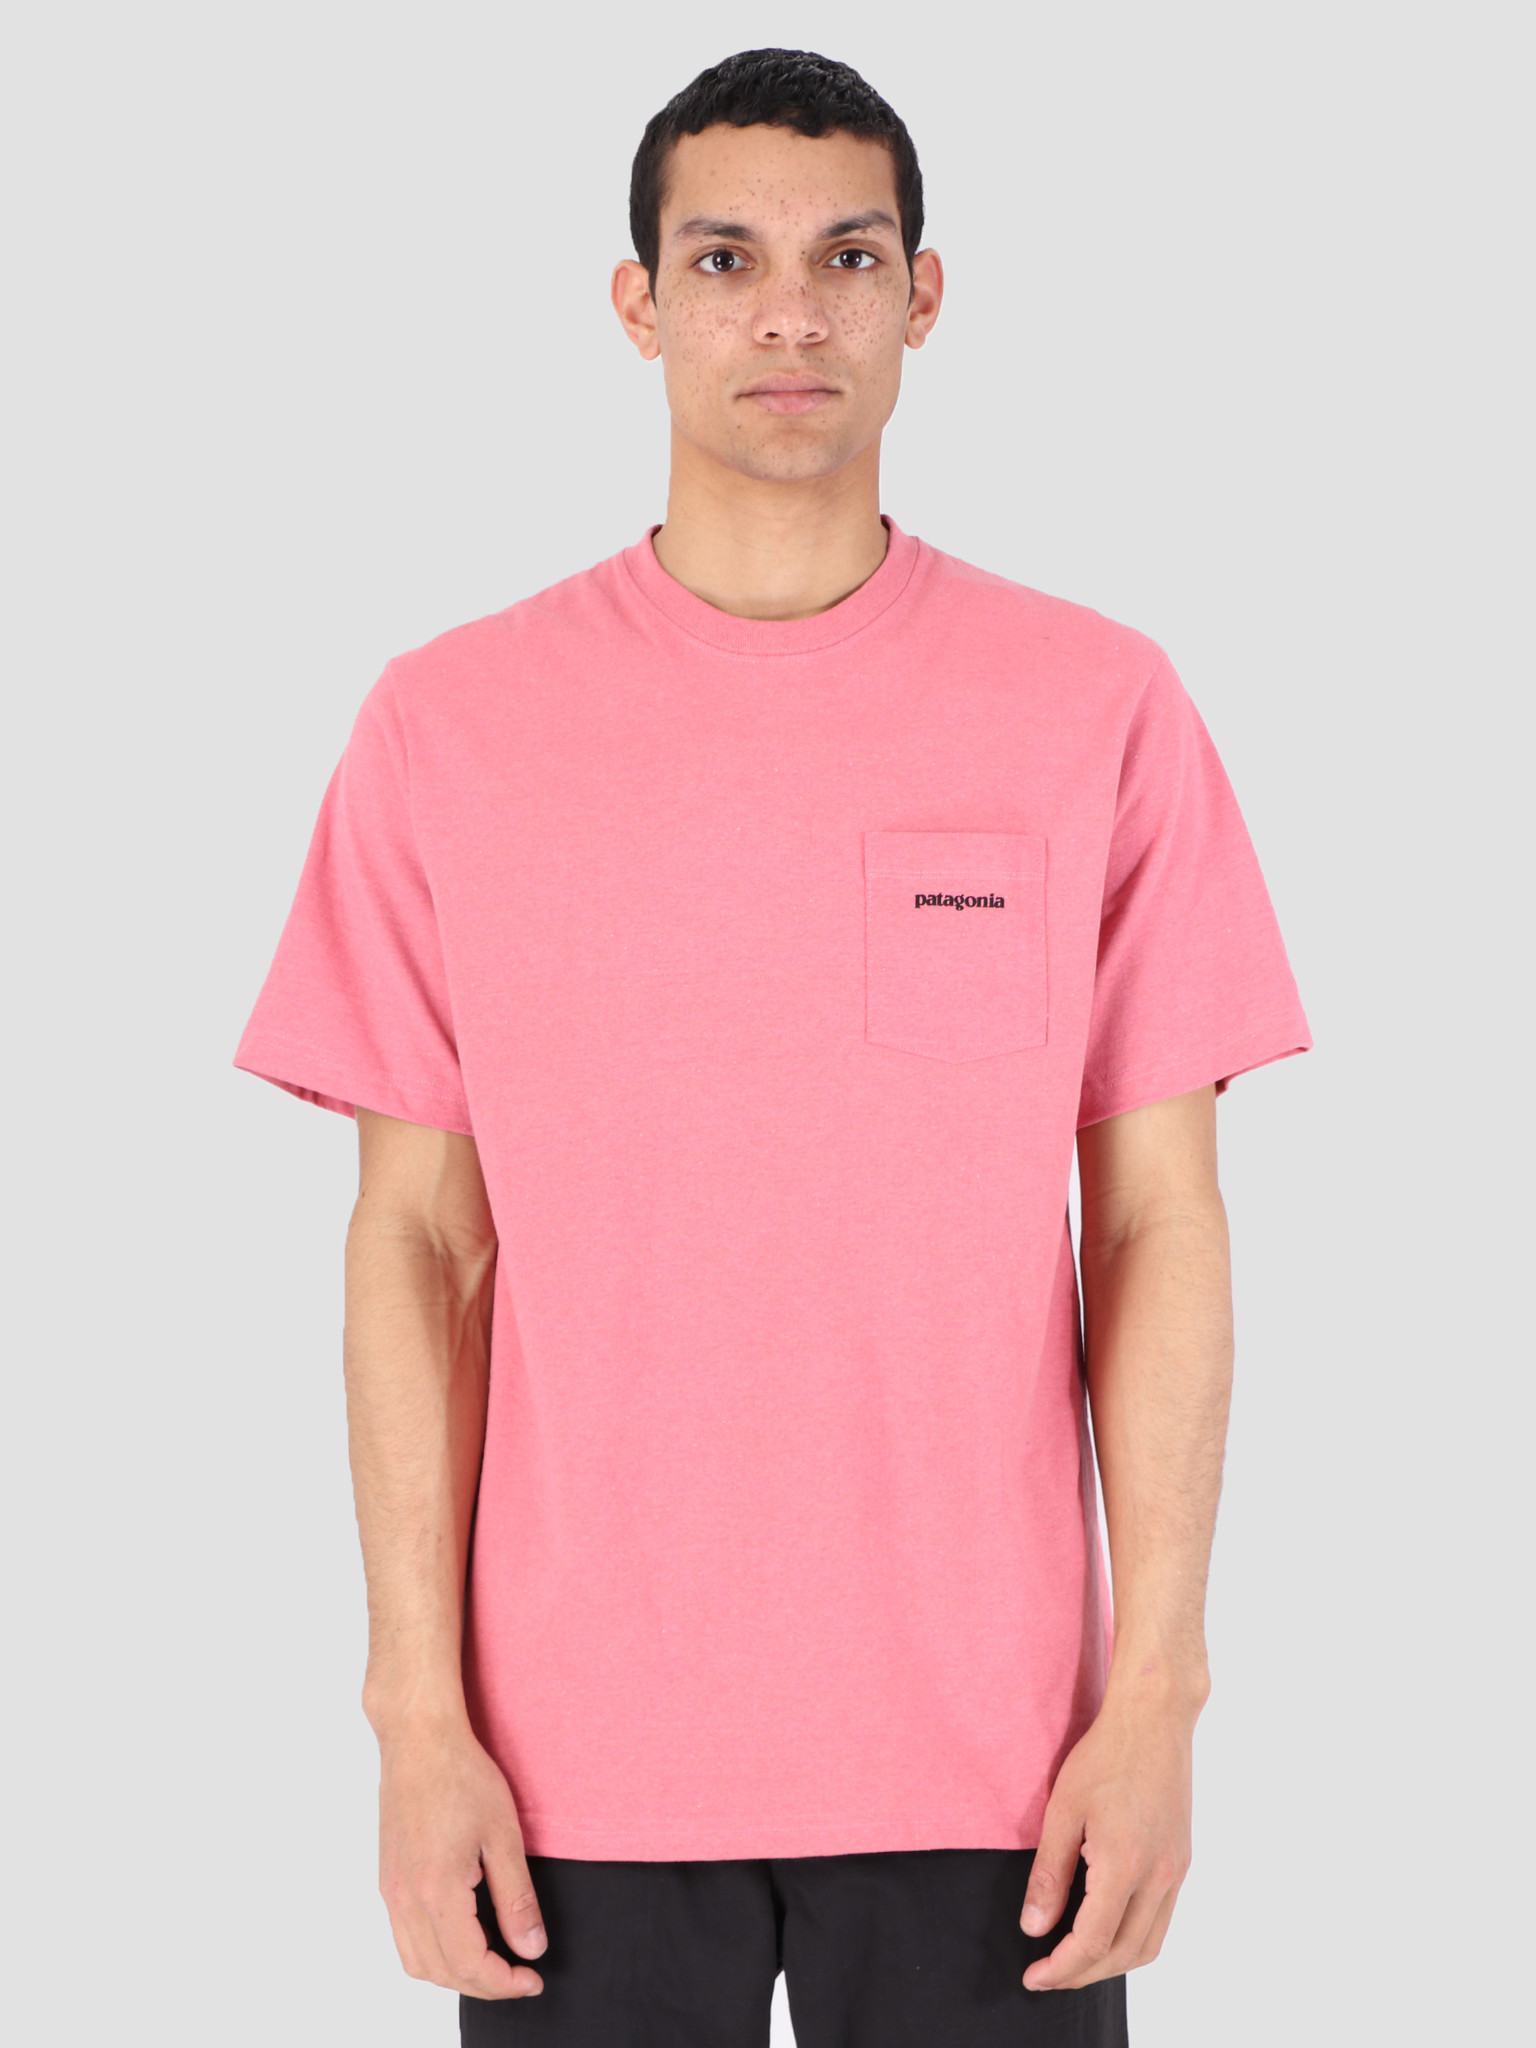 Patagonia Patagonia P 6 Logo Pocket Responsibili T-Shirt Sticker Pink 39178